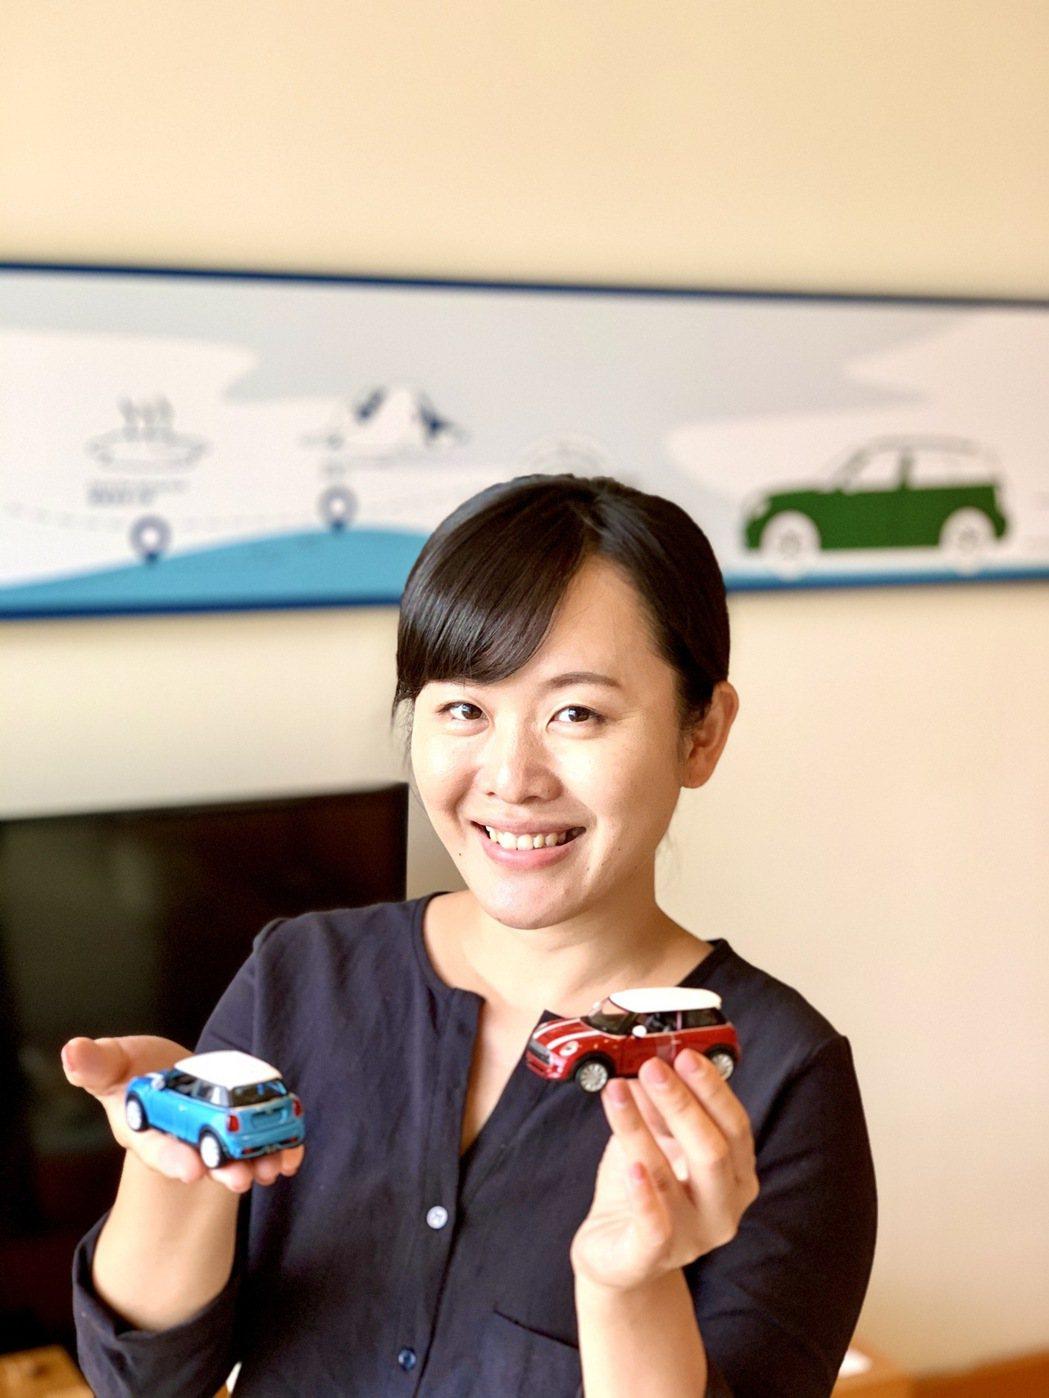 入住可獲贈MINI模型車。圖為礁溪老爺酒店經理胡雅婷。   陳志光/攝影